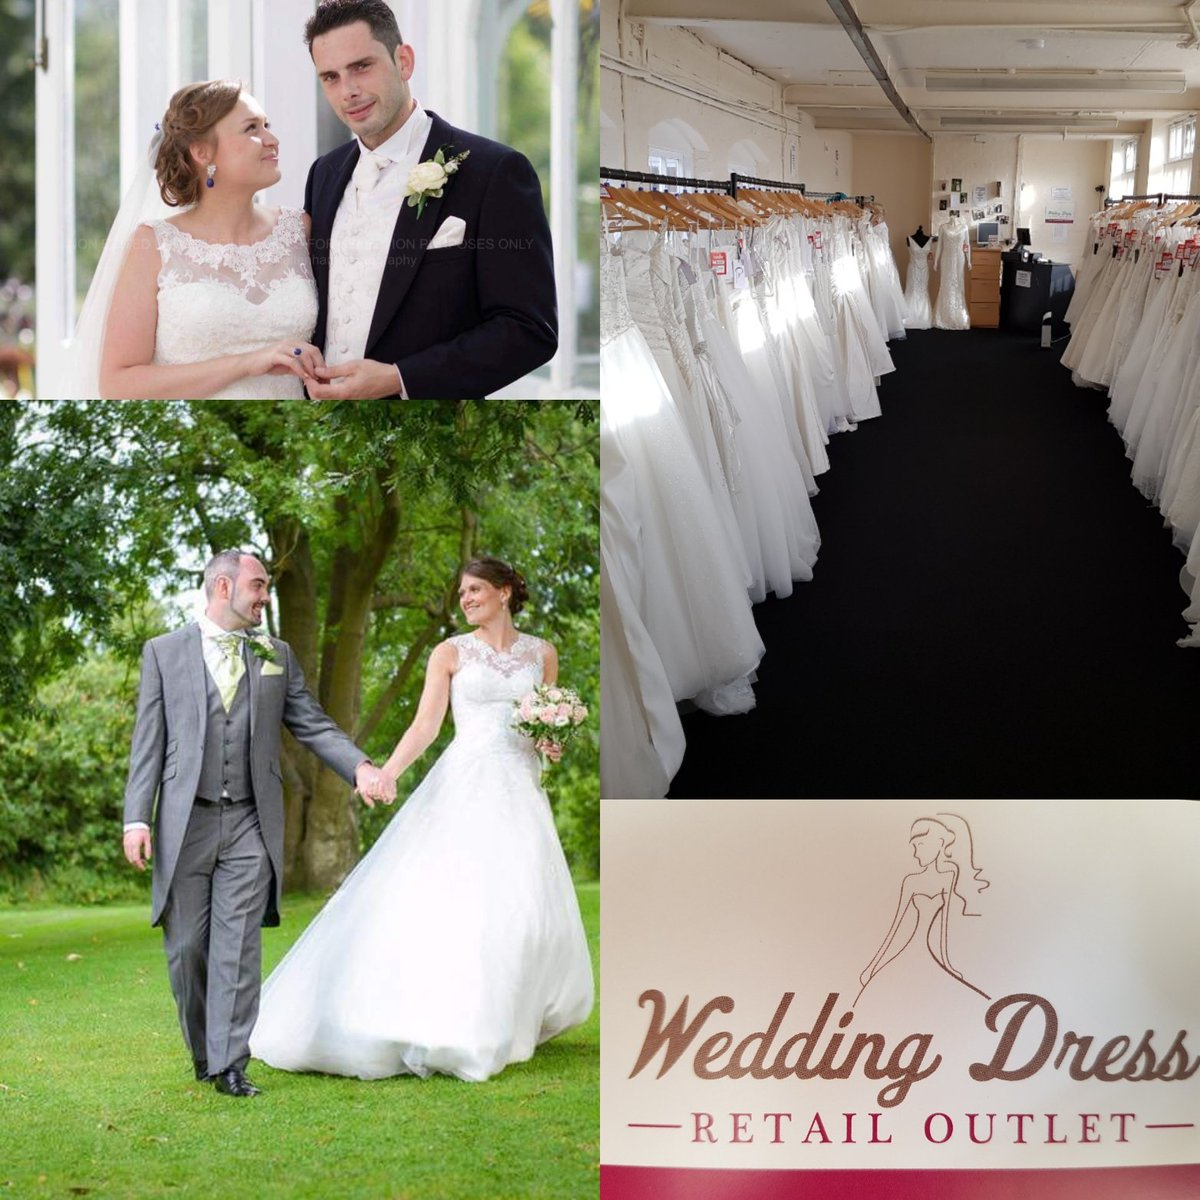 Wedding Dress Outlet (@WeddingDressOut) | Twitter